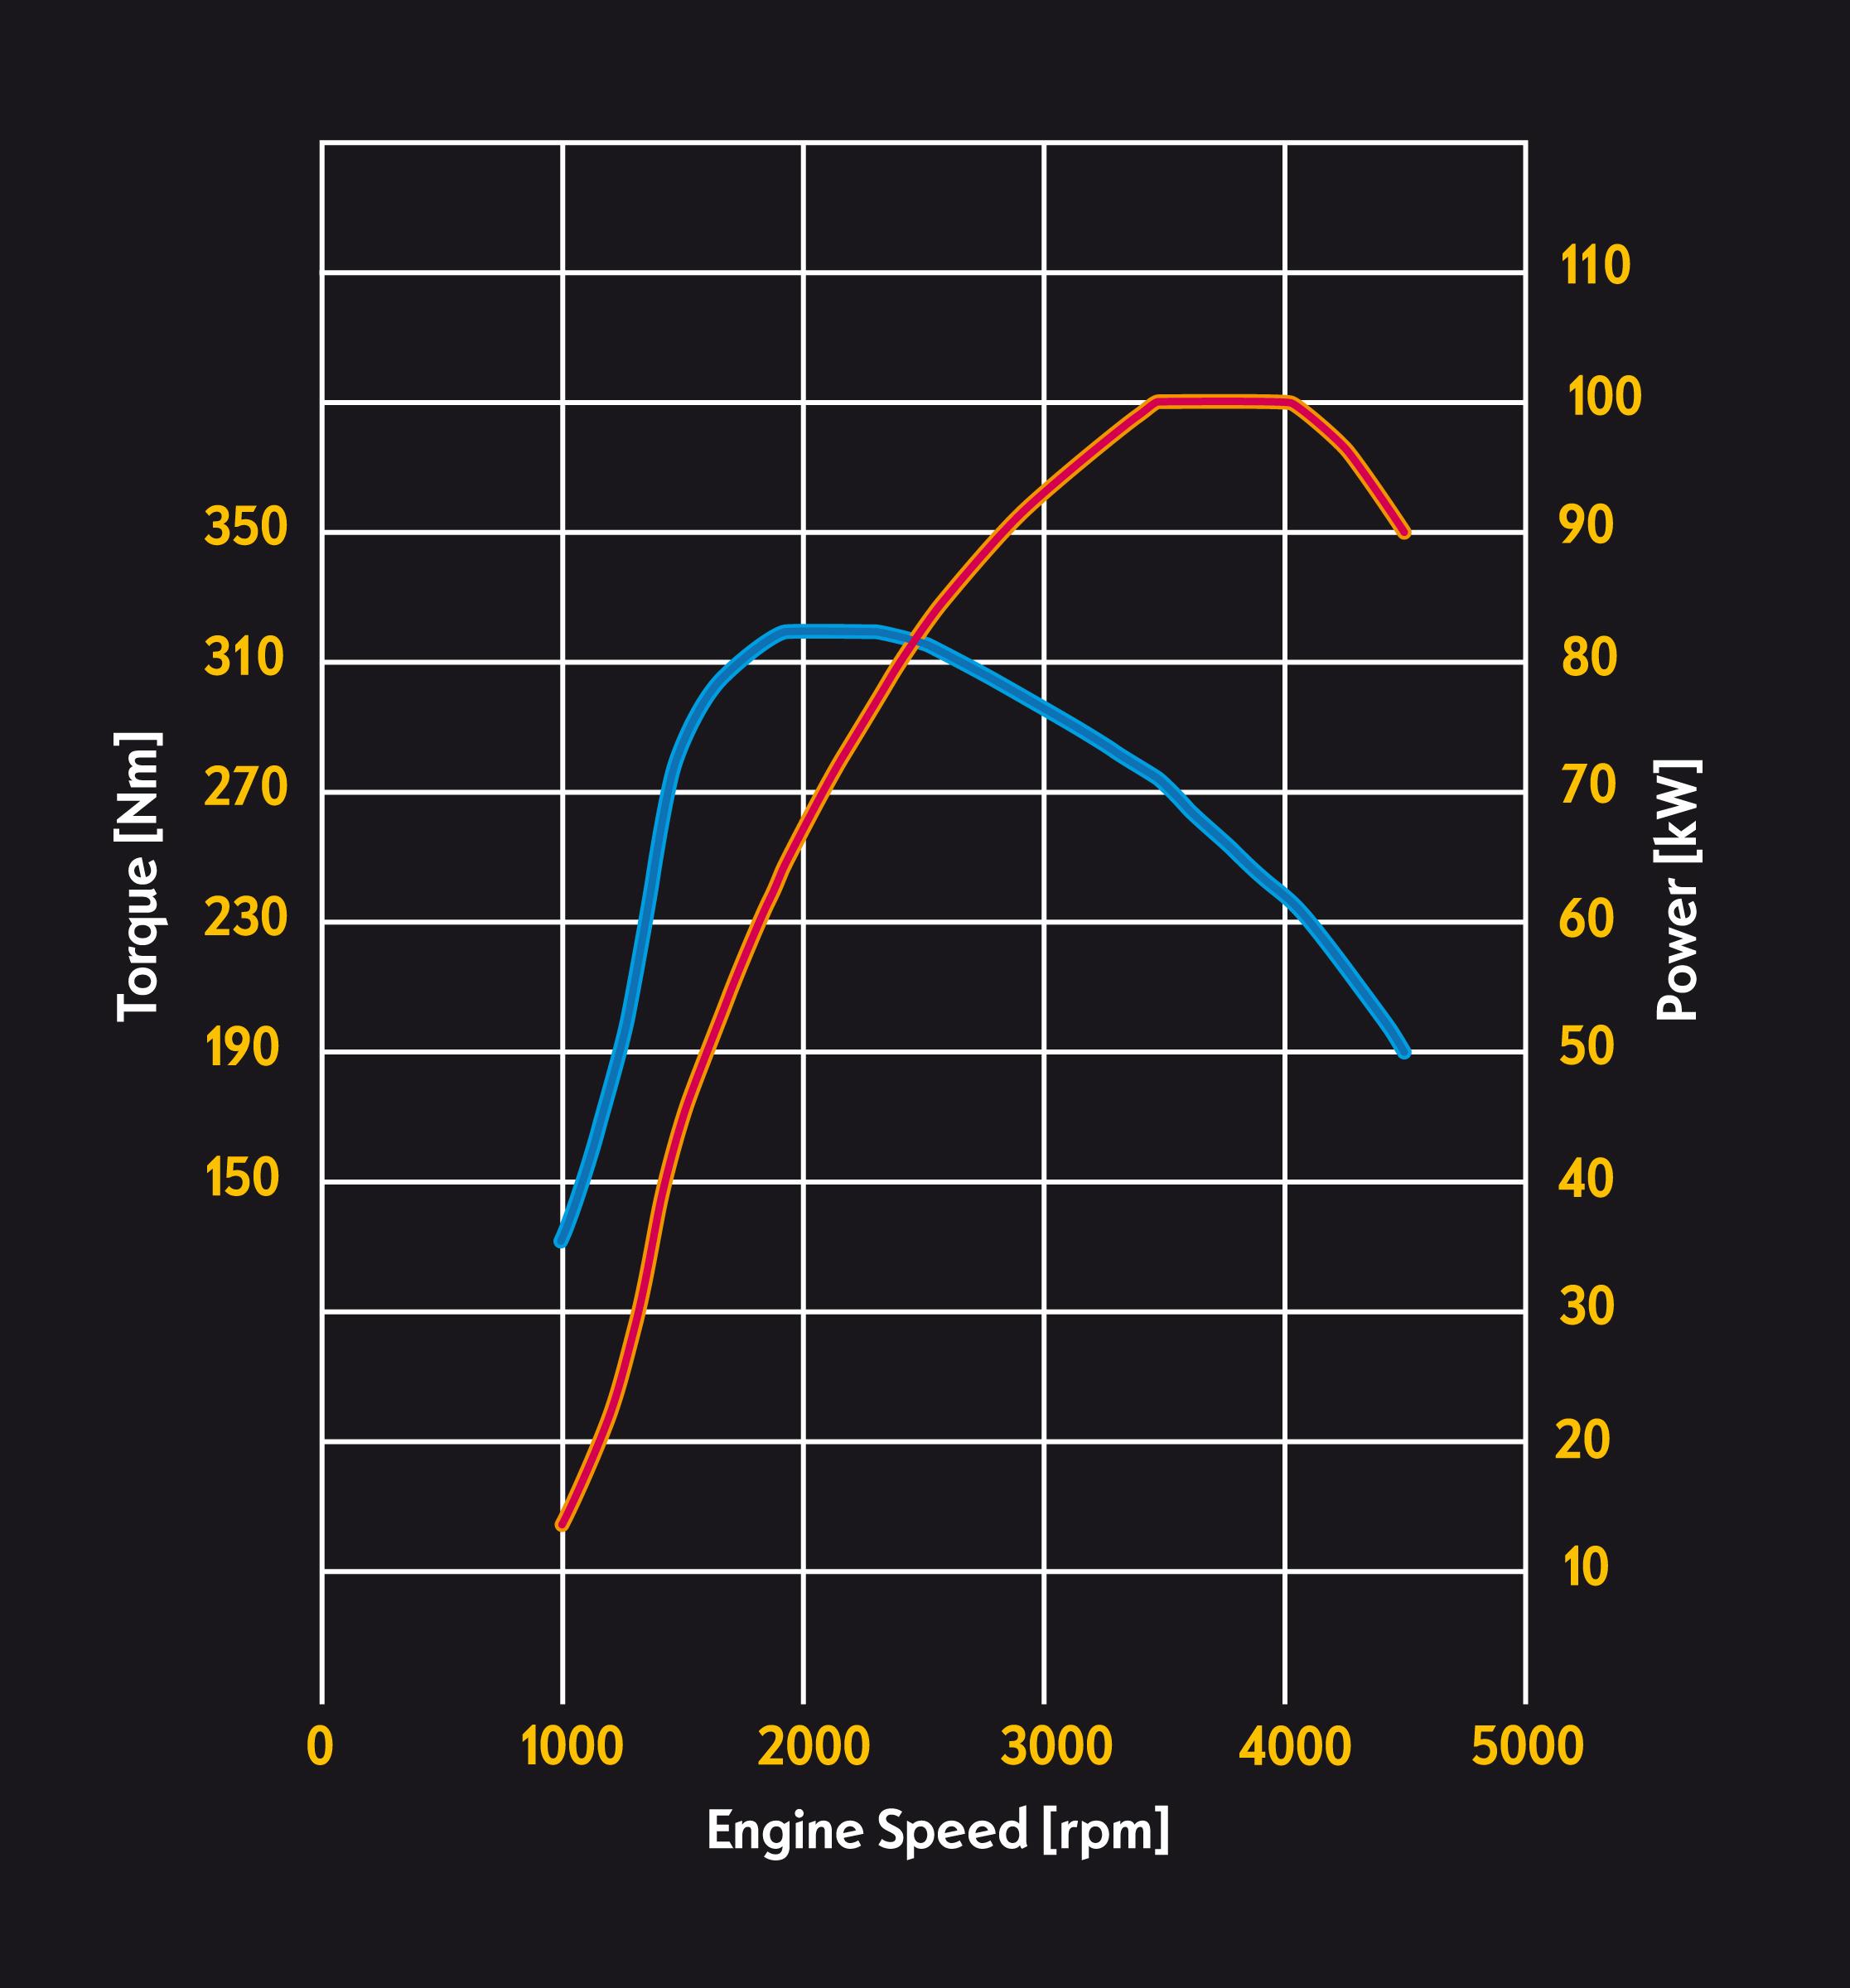 Opel 1.6l CDTI performance curves